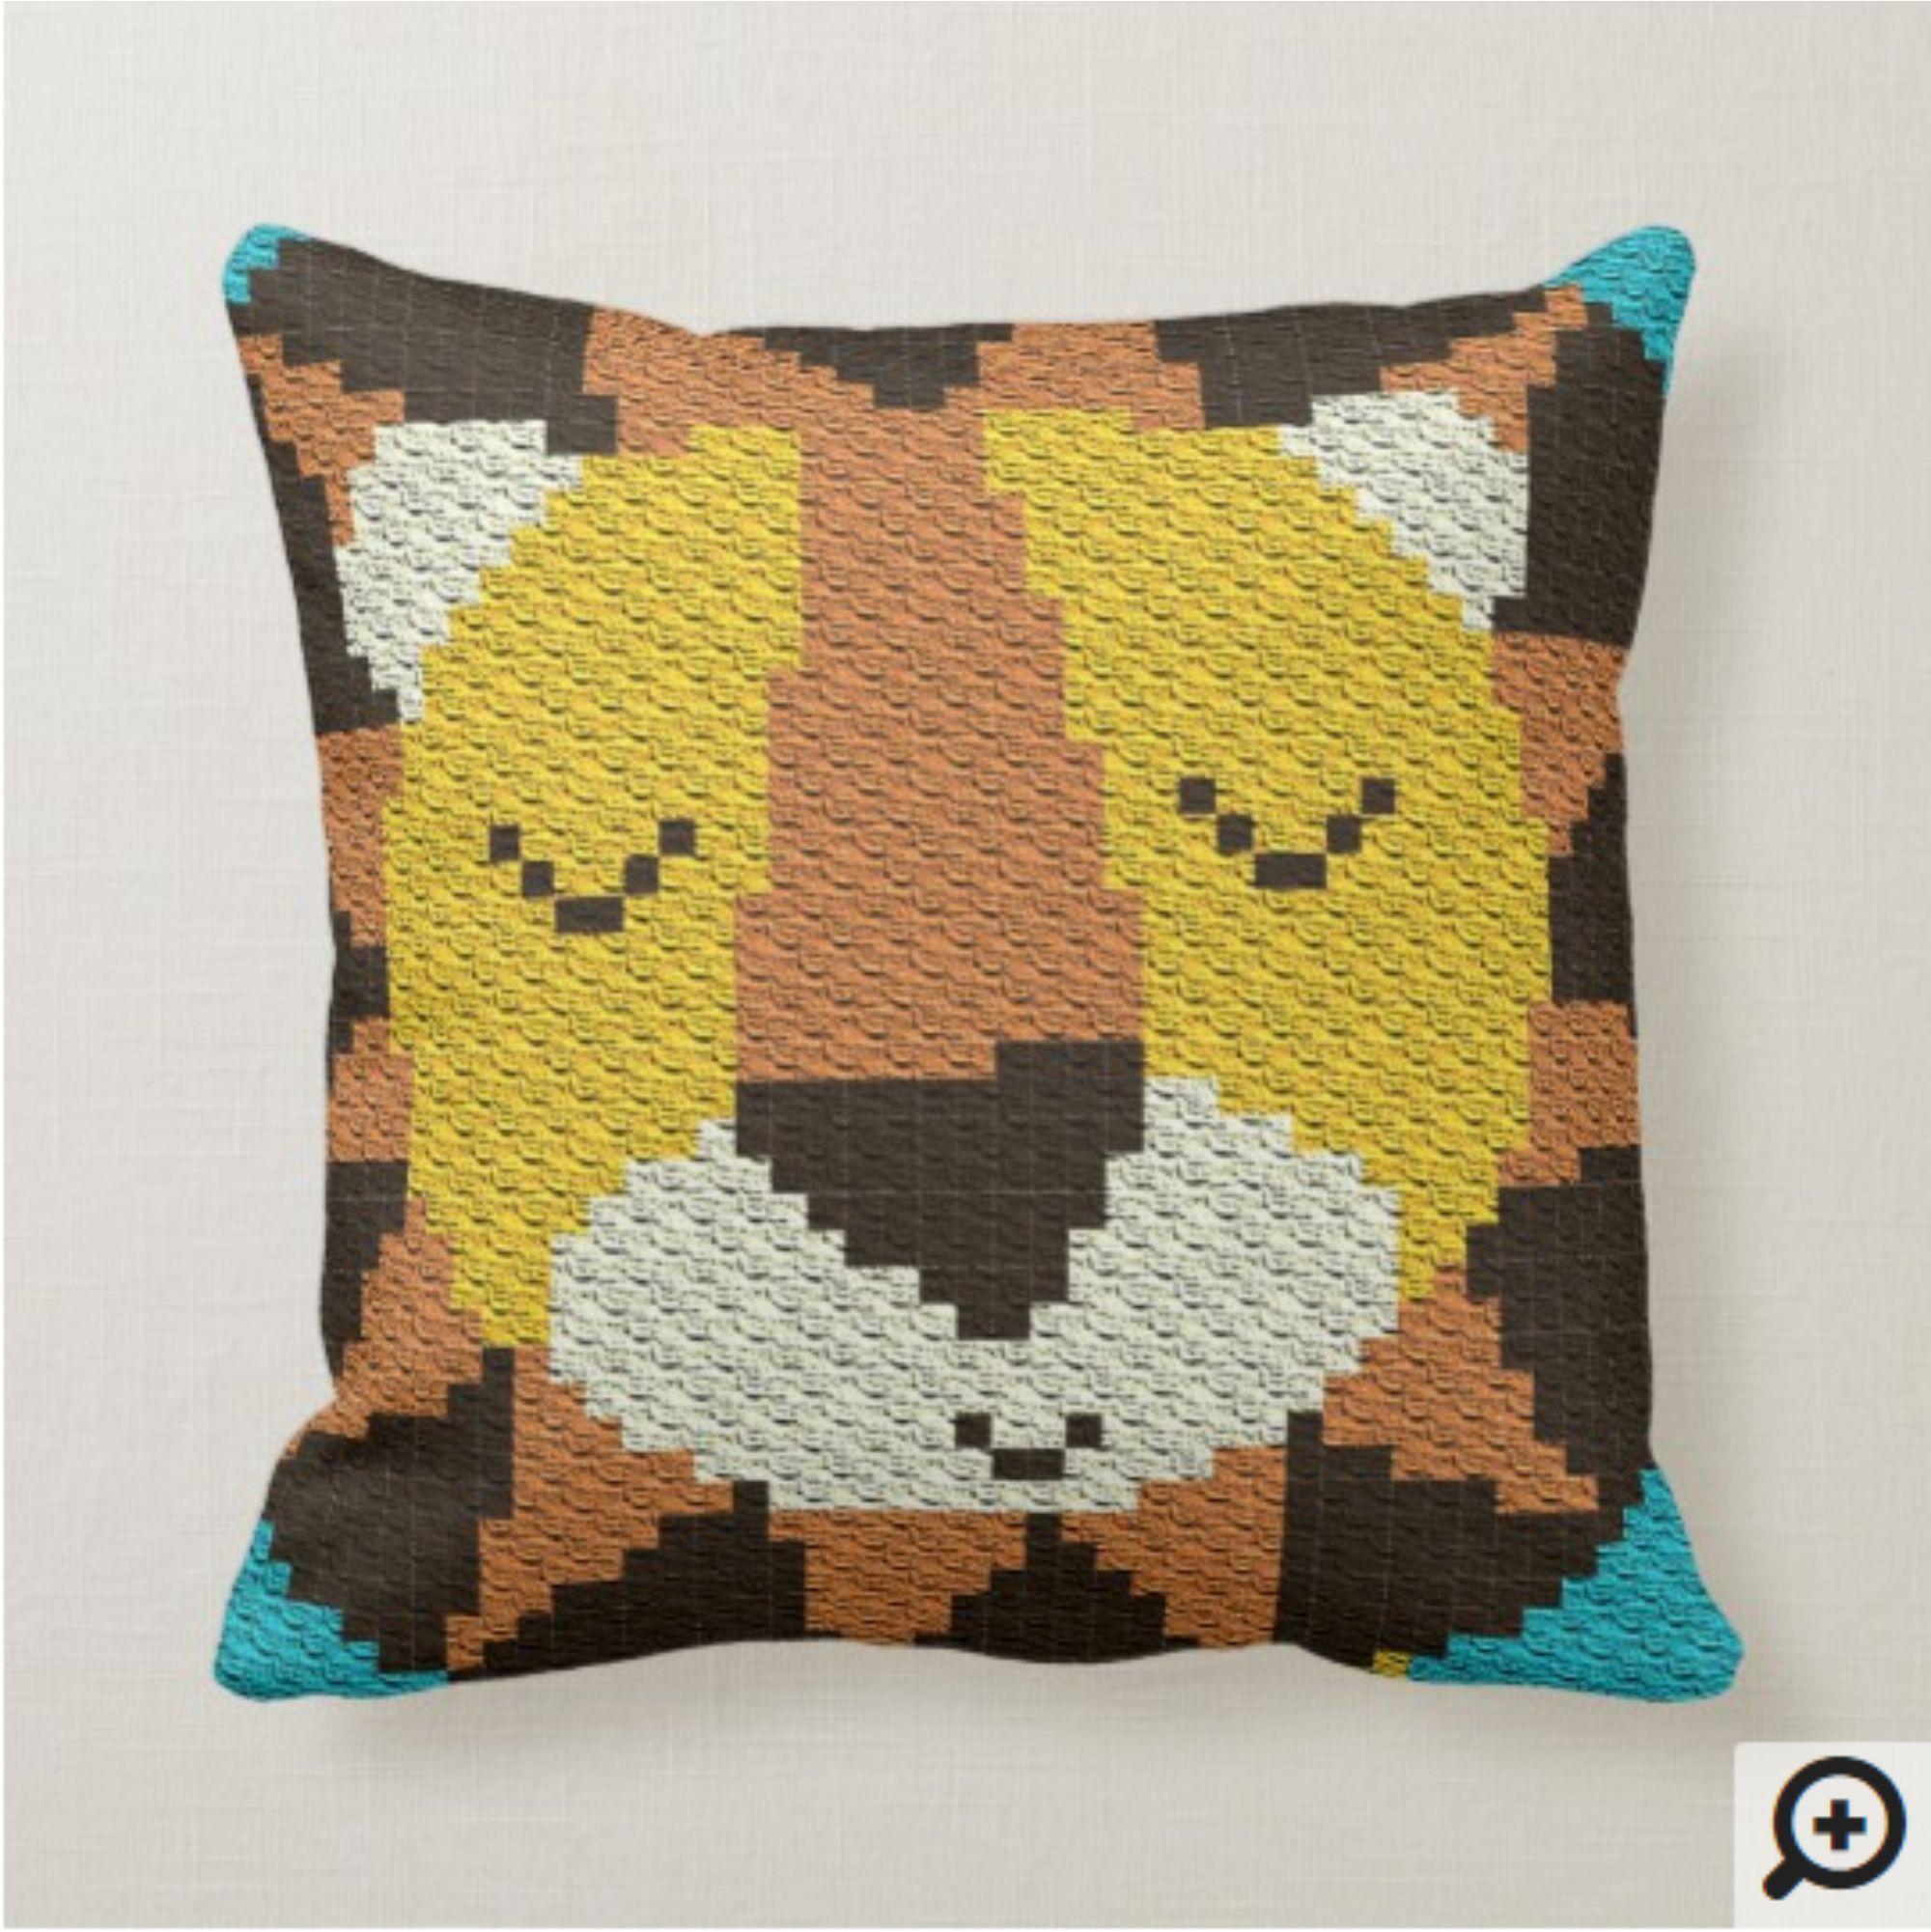 C2C Lion / C2C Pillow Pattern / Pillow Crochet Pattern / Animal Pillow Case / Pillows / Cushions / Cushion